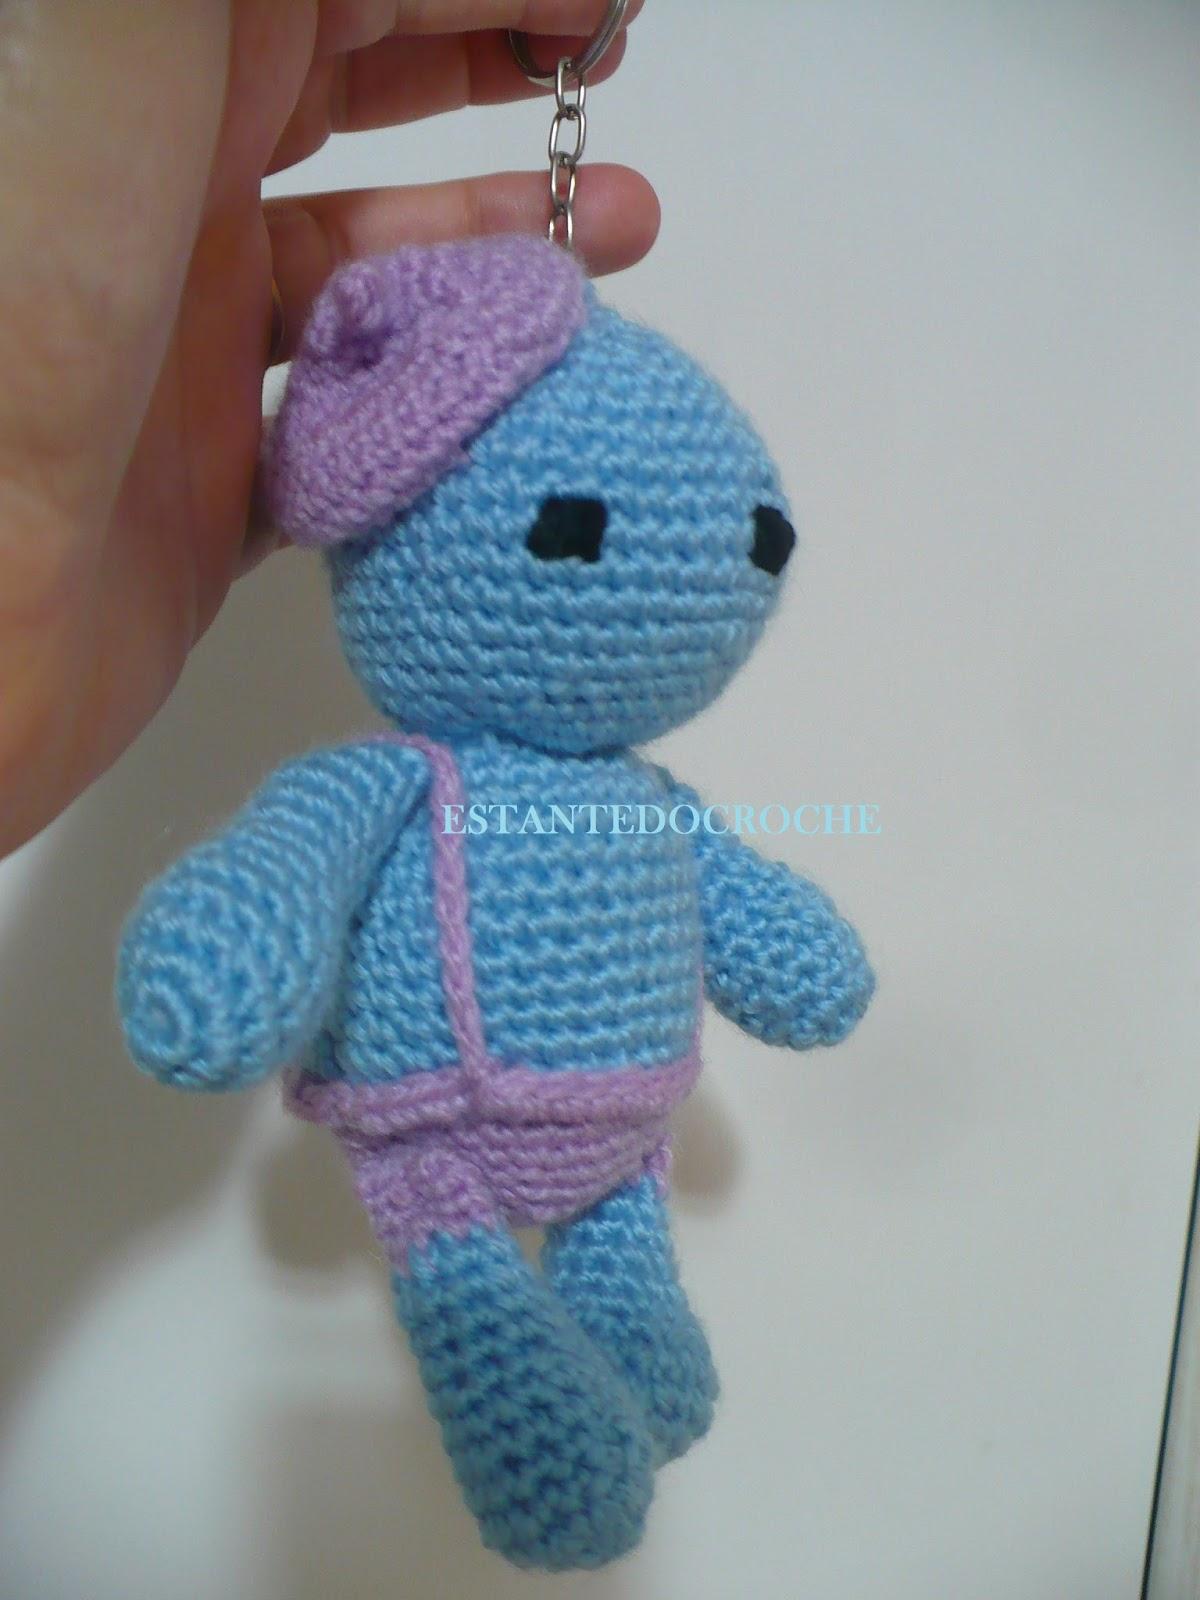 Estante do Croche: CHAVEIRO AMIGURUMI #3C6E8F 1200x1600